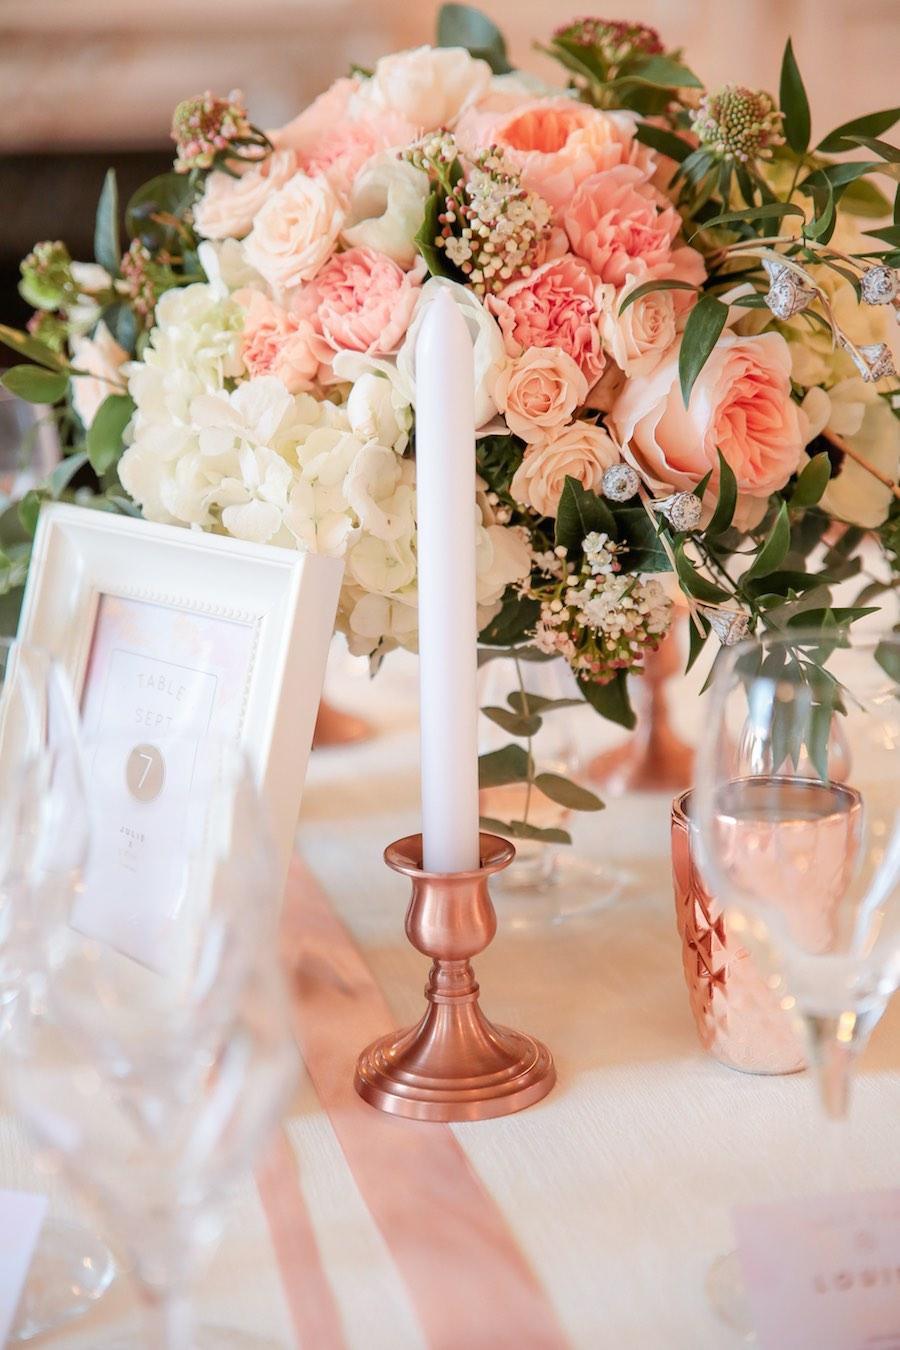 Mariage-rose-gold-décoration-de-table